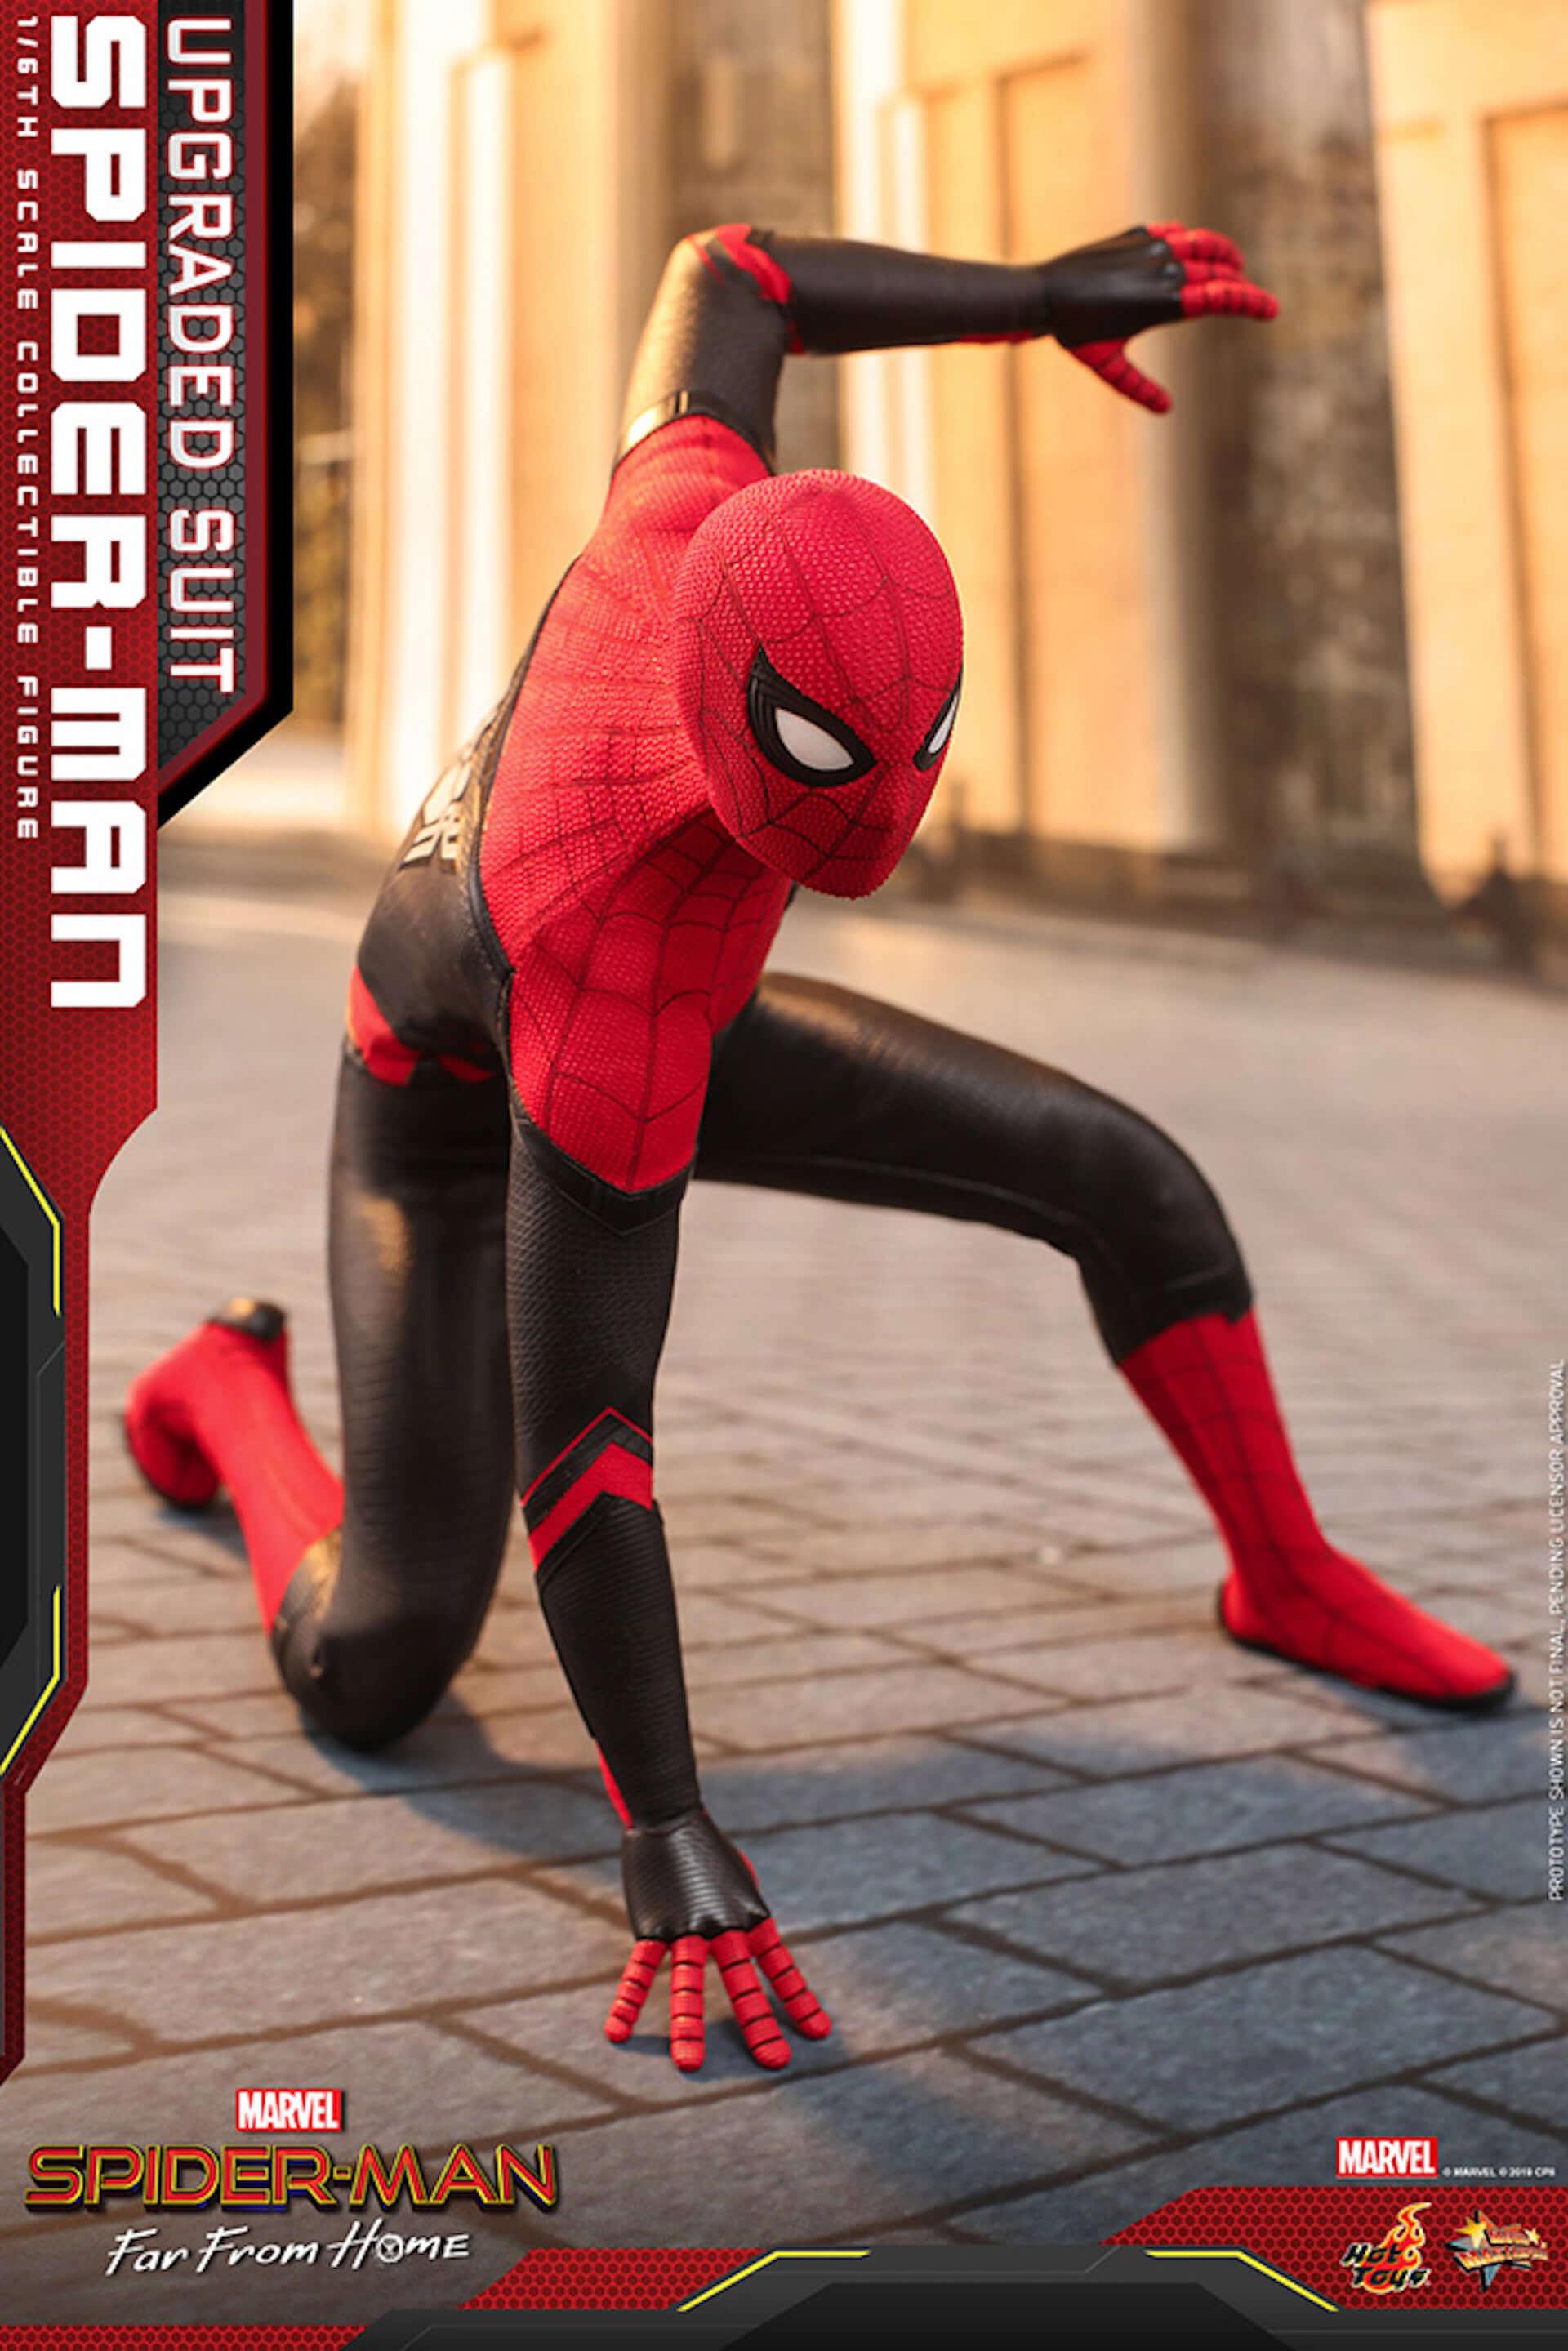 新生スパイダーマン誕生!『スパイダーマン:ファー・フロム・ホーム』のアップグレードスーツが完全フィギュア化 film190702_sffh_upgrade_6-1920x2879